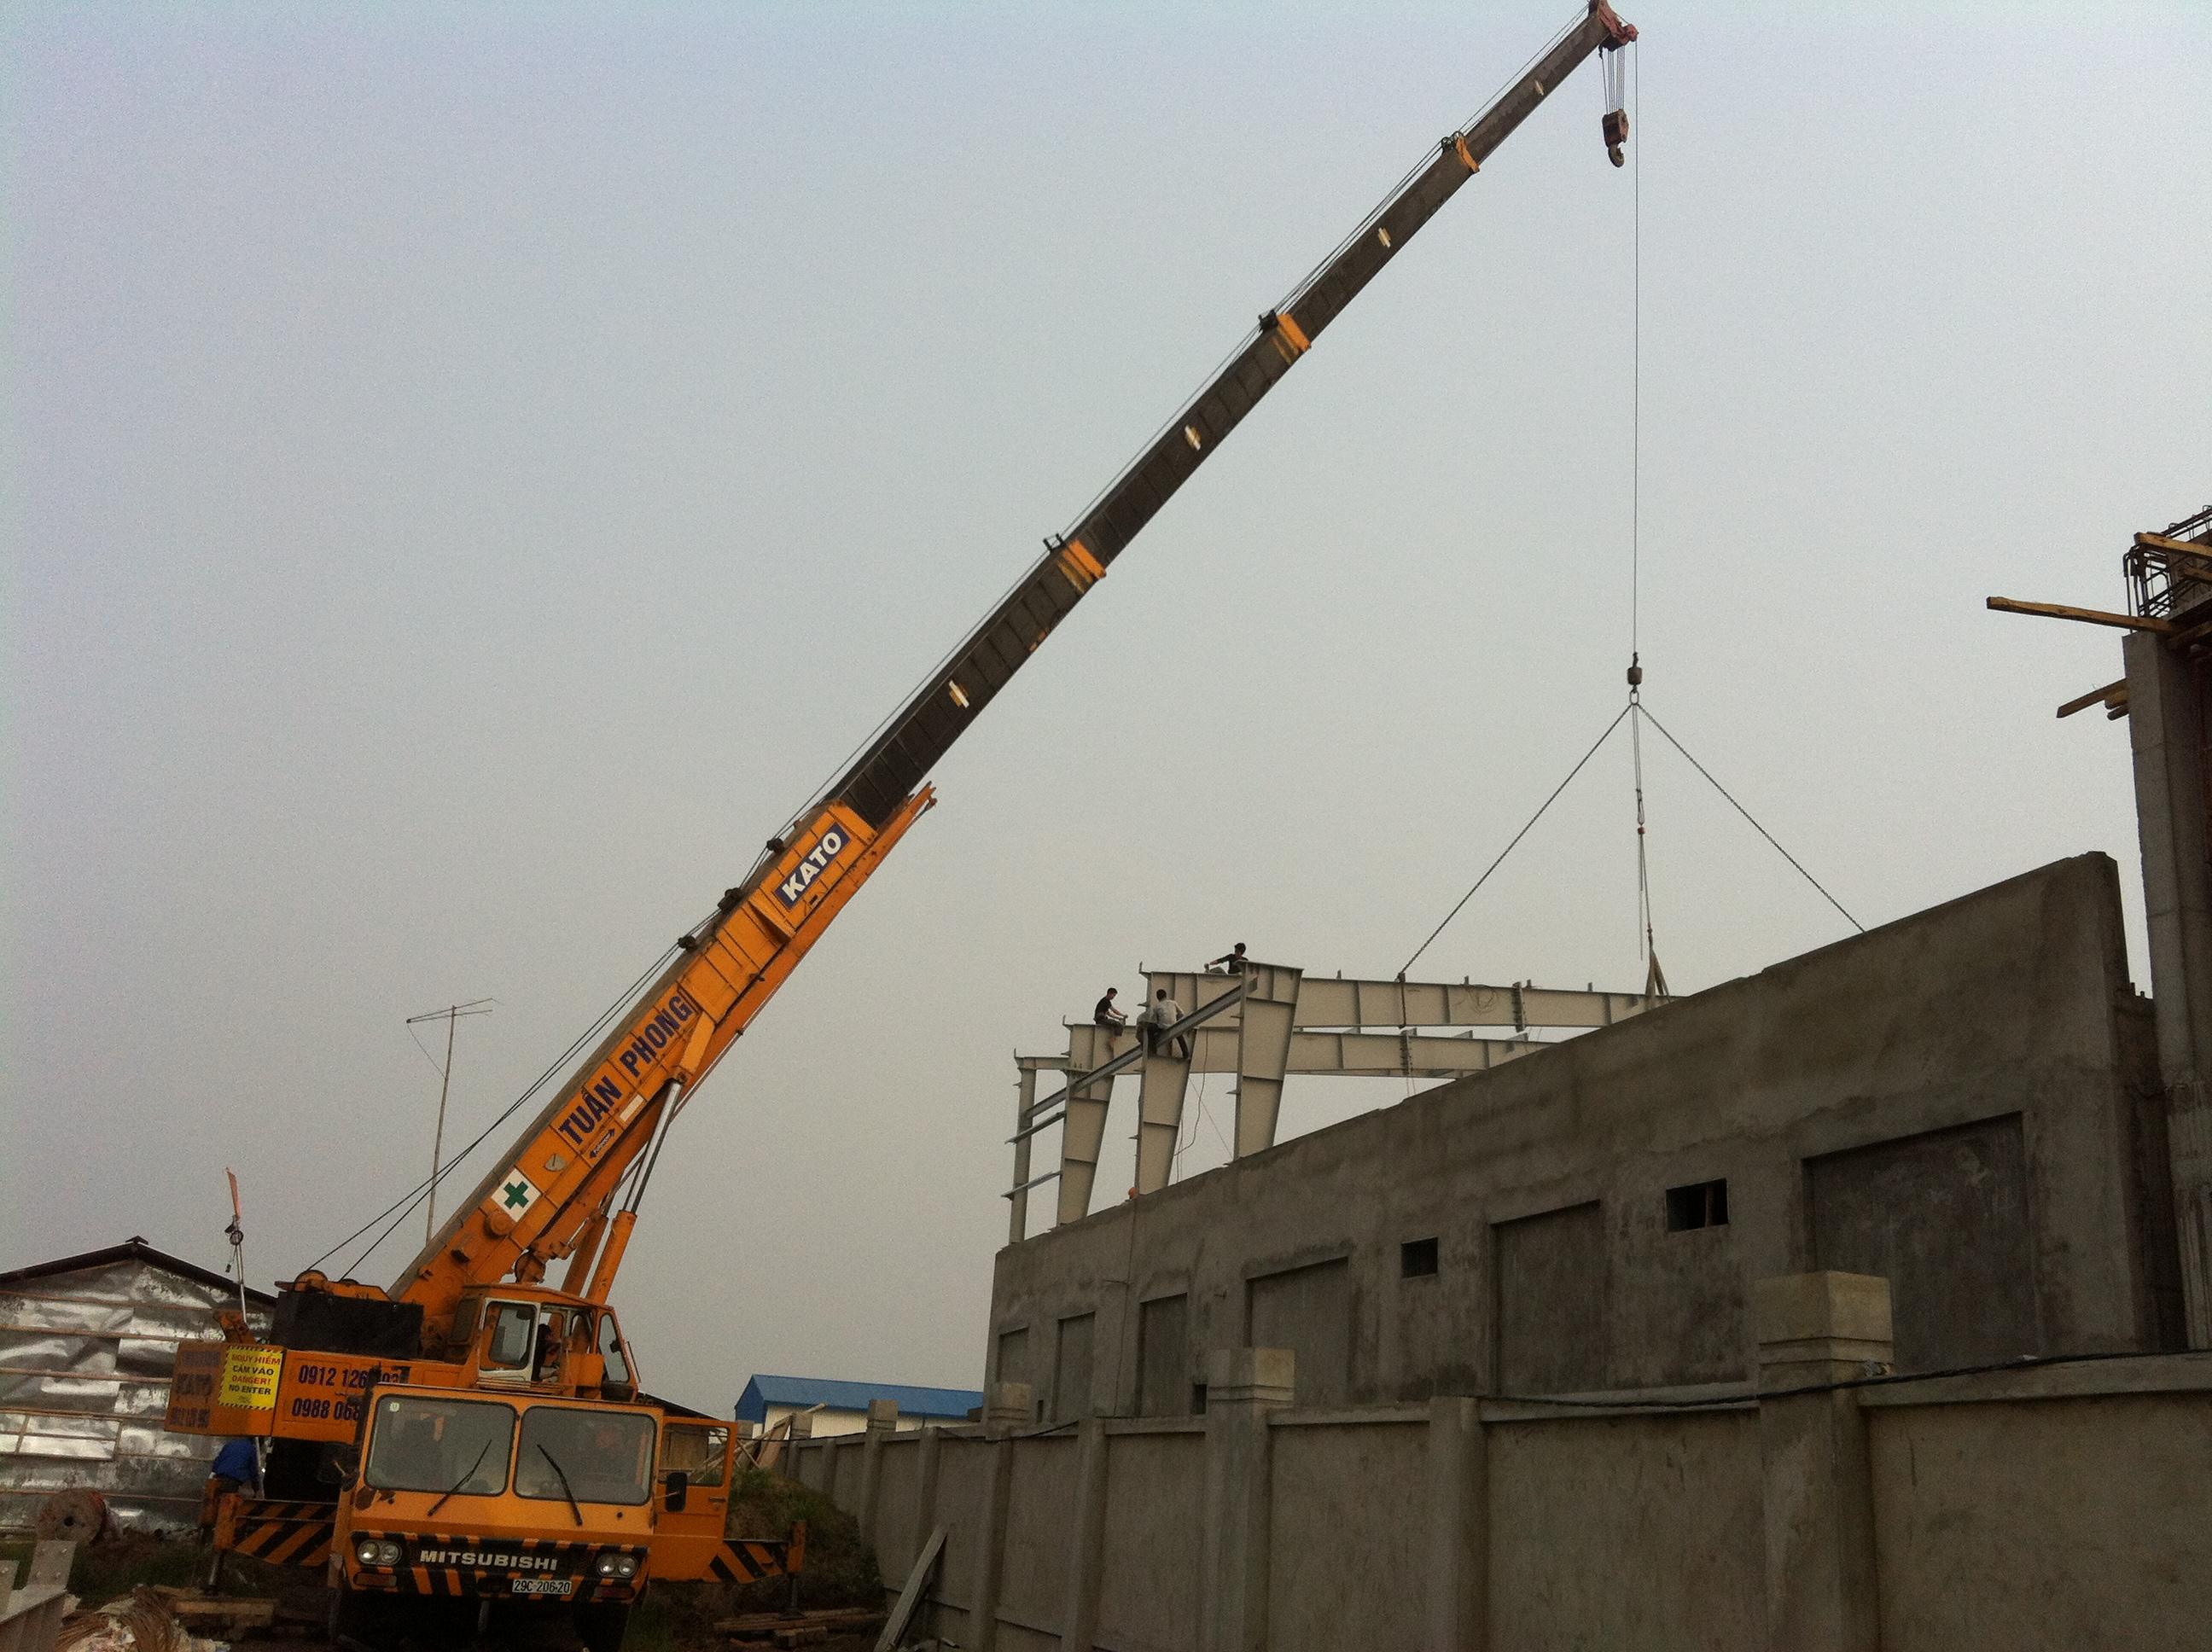 cho thuê xe cẩu chuyên dùng 25 tấn, cho thuê xe cẩu chuyên dùng  tấn , cho thuê xe cẩu 120 tấn 0912 126 993